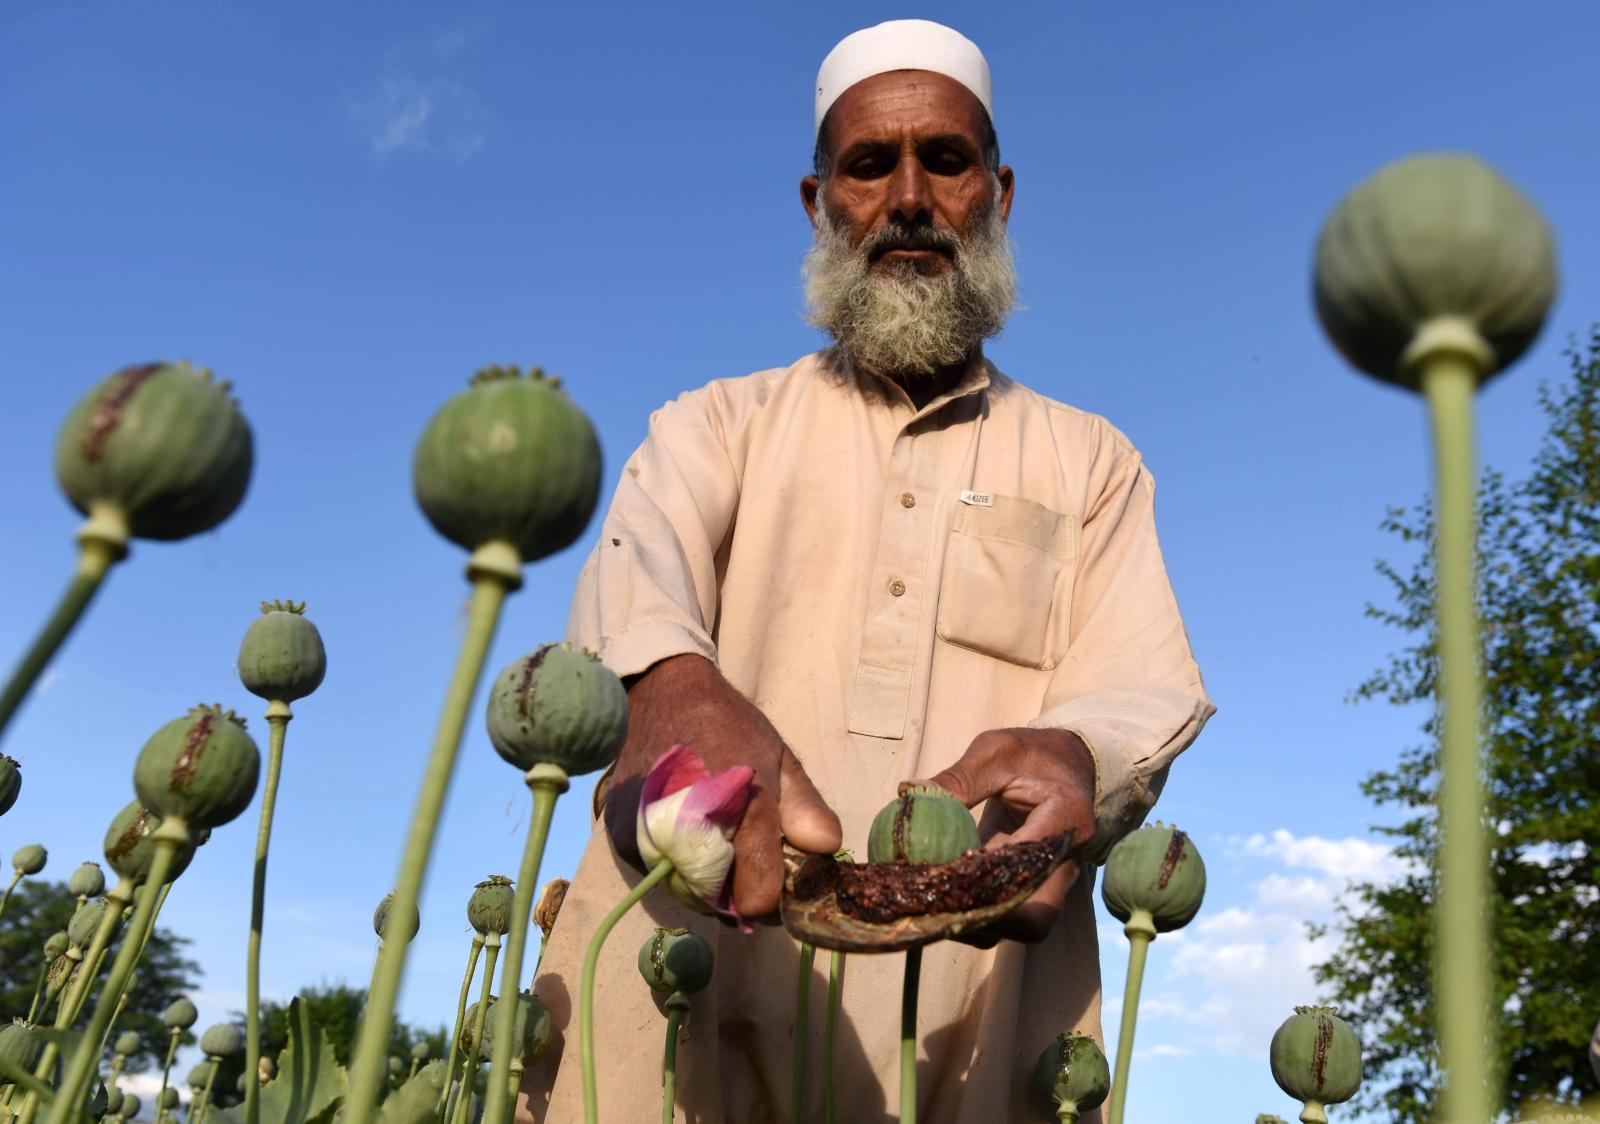 Zbiór opium w Afganistanie. Fot. PAP/EPA/GHULAMULLAH HABIBI